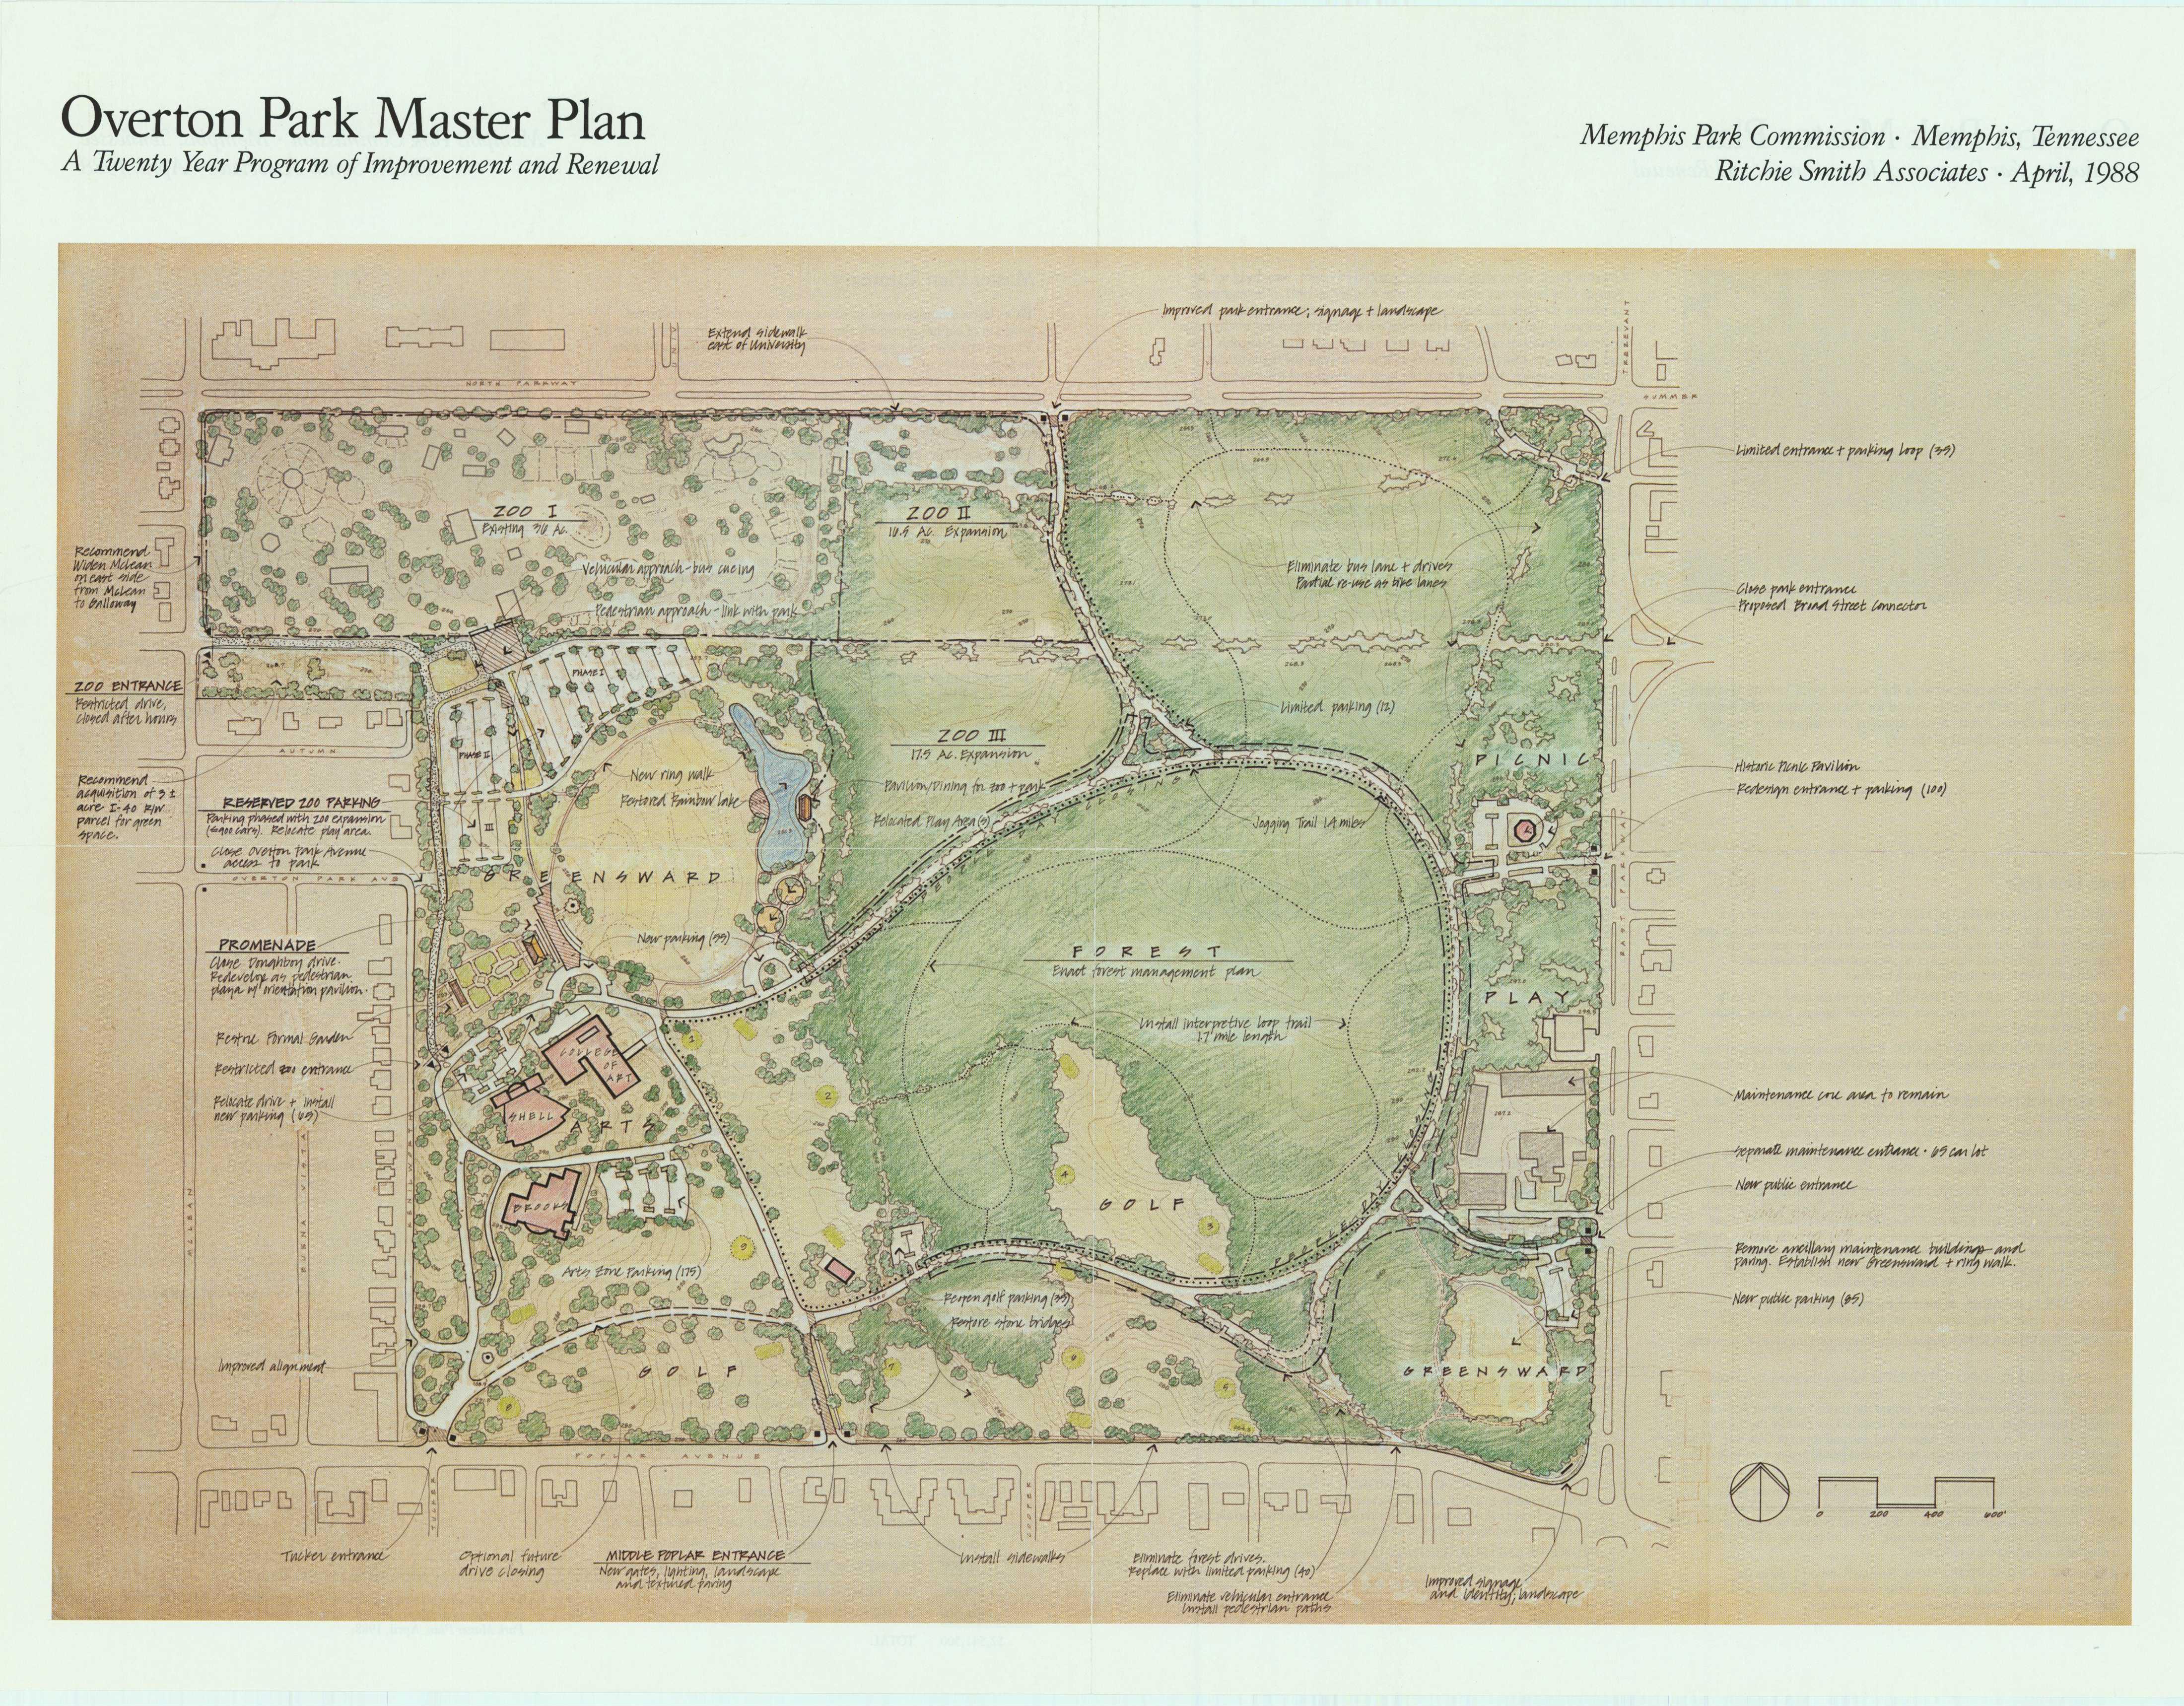 Pin Memphis Zoo Map Photo 26250964 Fanpop Fanclubs On